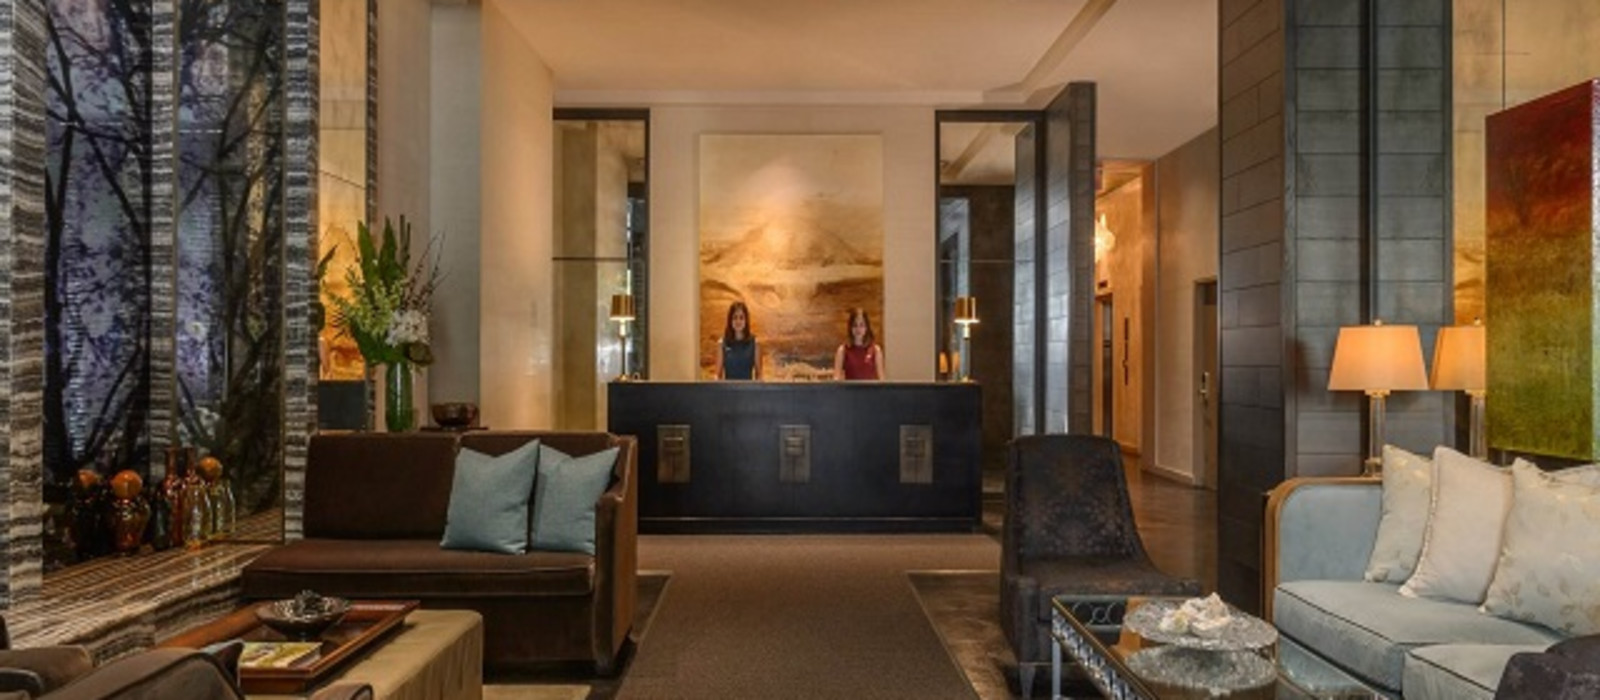 Hotel Loden  Kanada